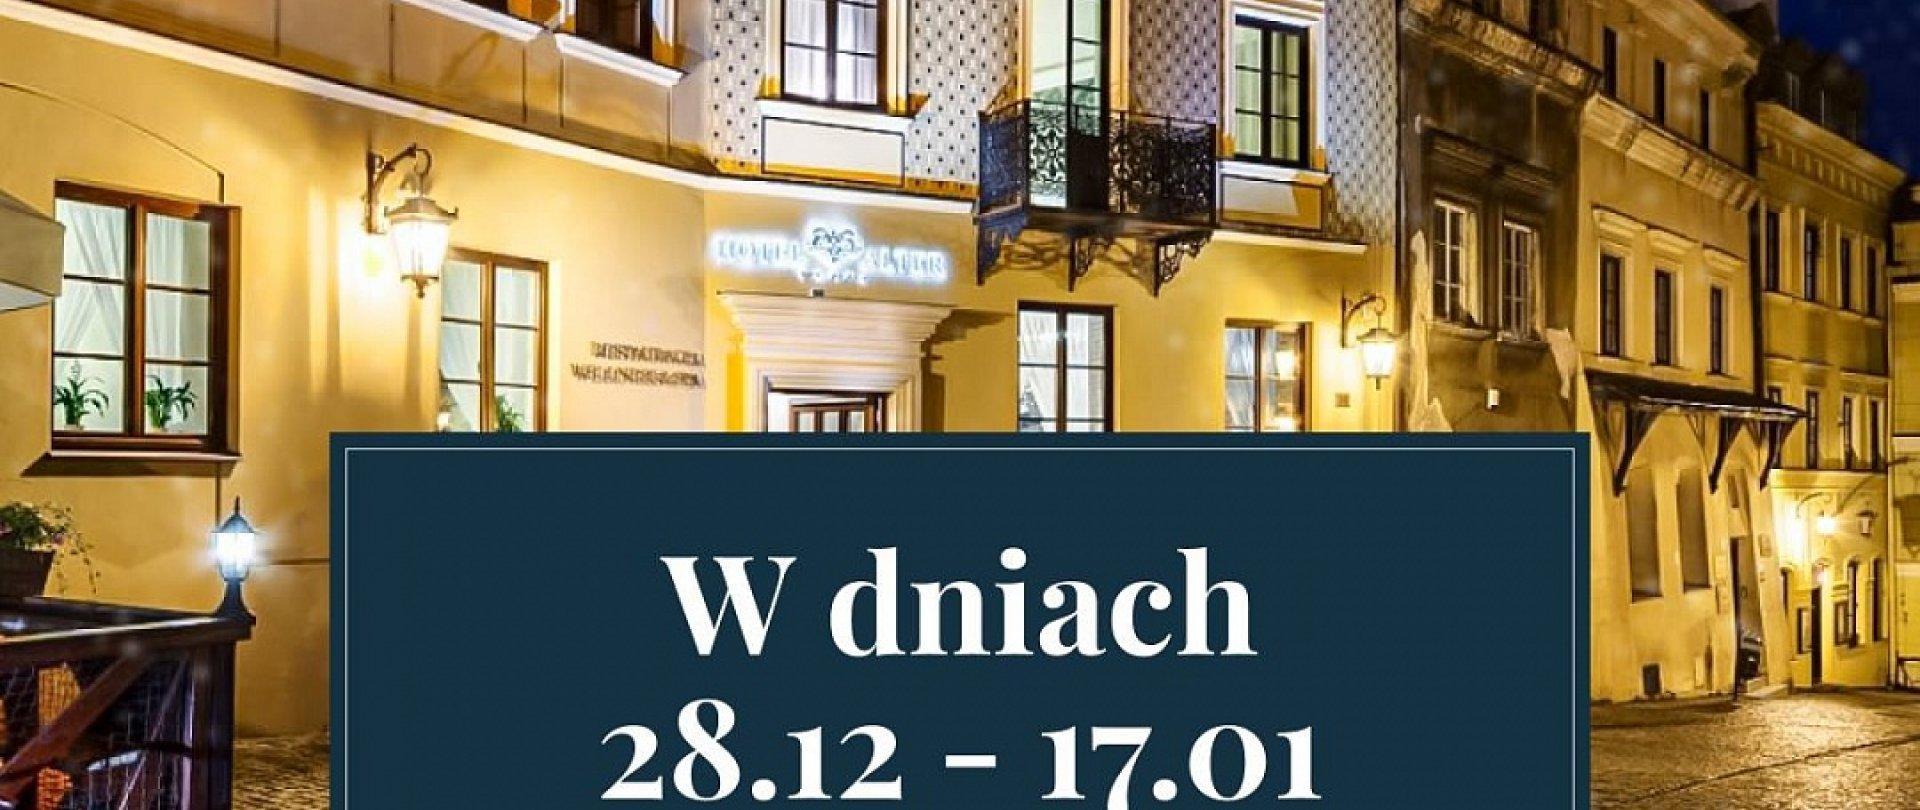 W dniach 28.12.2020 - 17.01.2021 Hotel Alter jest tymczasowo zamknięty